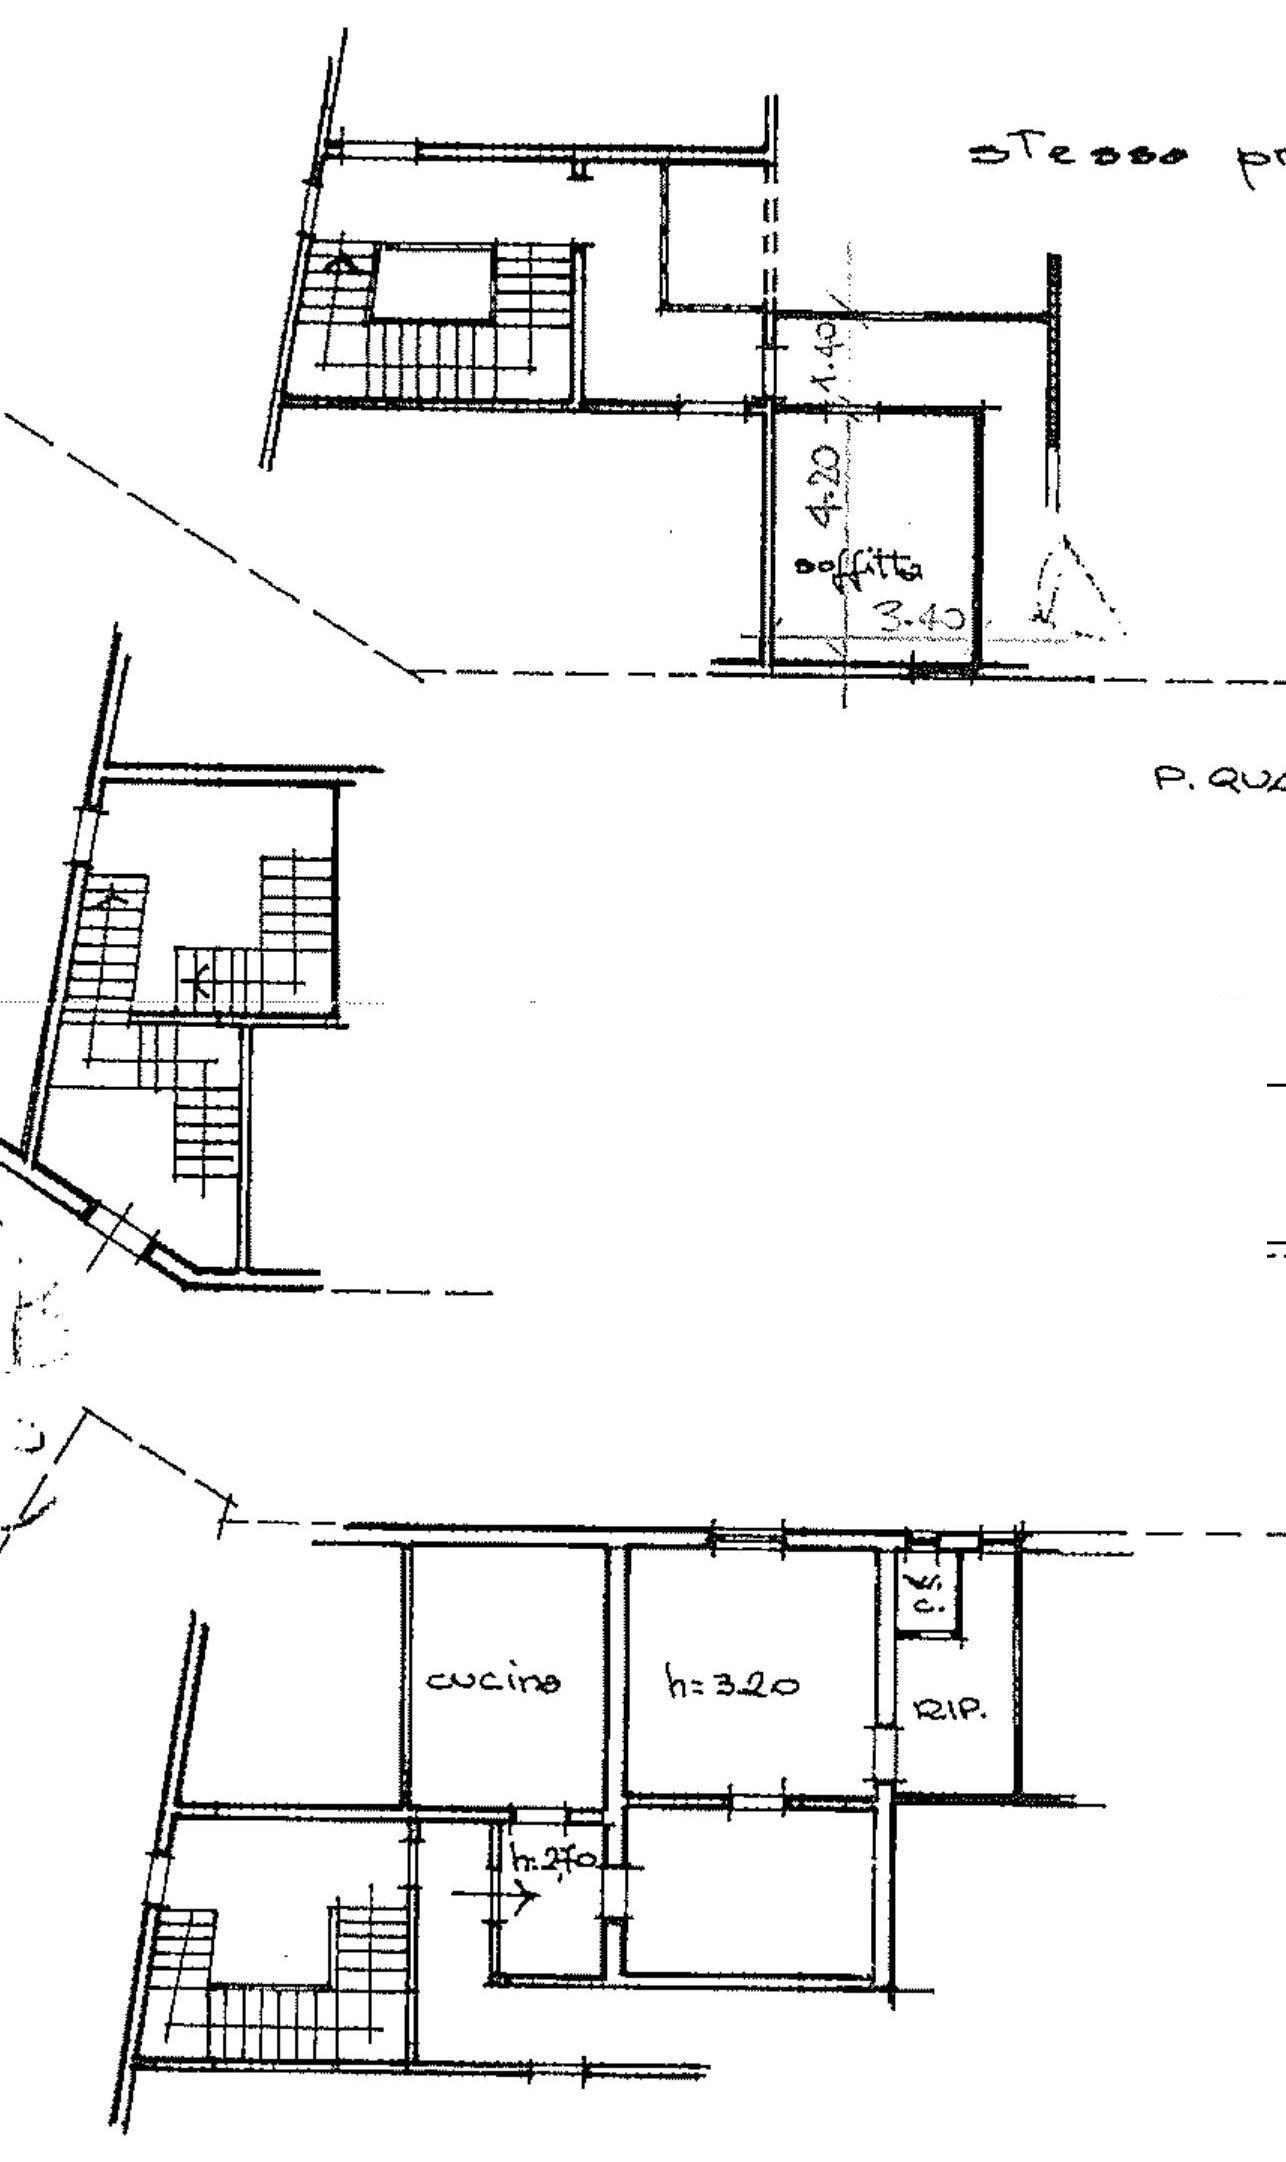 Appartamento in vendita, rif. 658 (Planimetria 1/1)